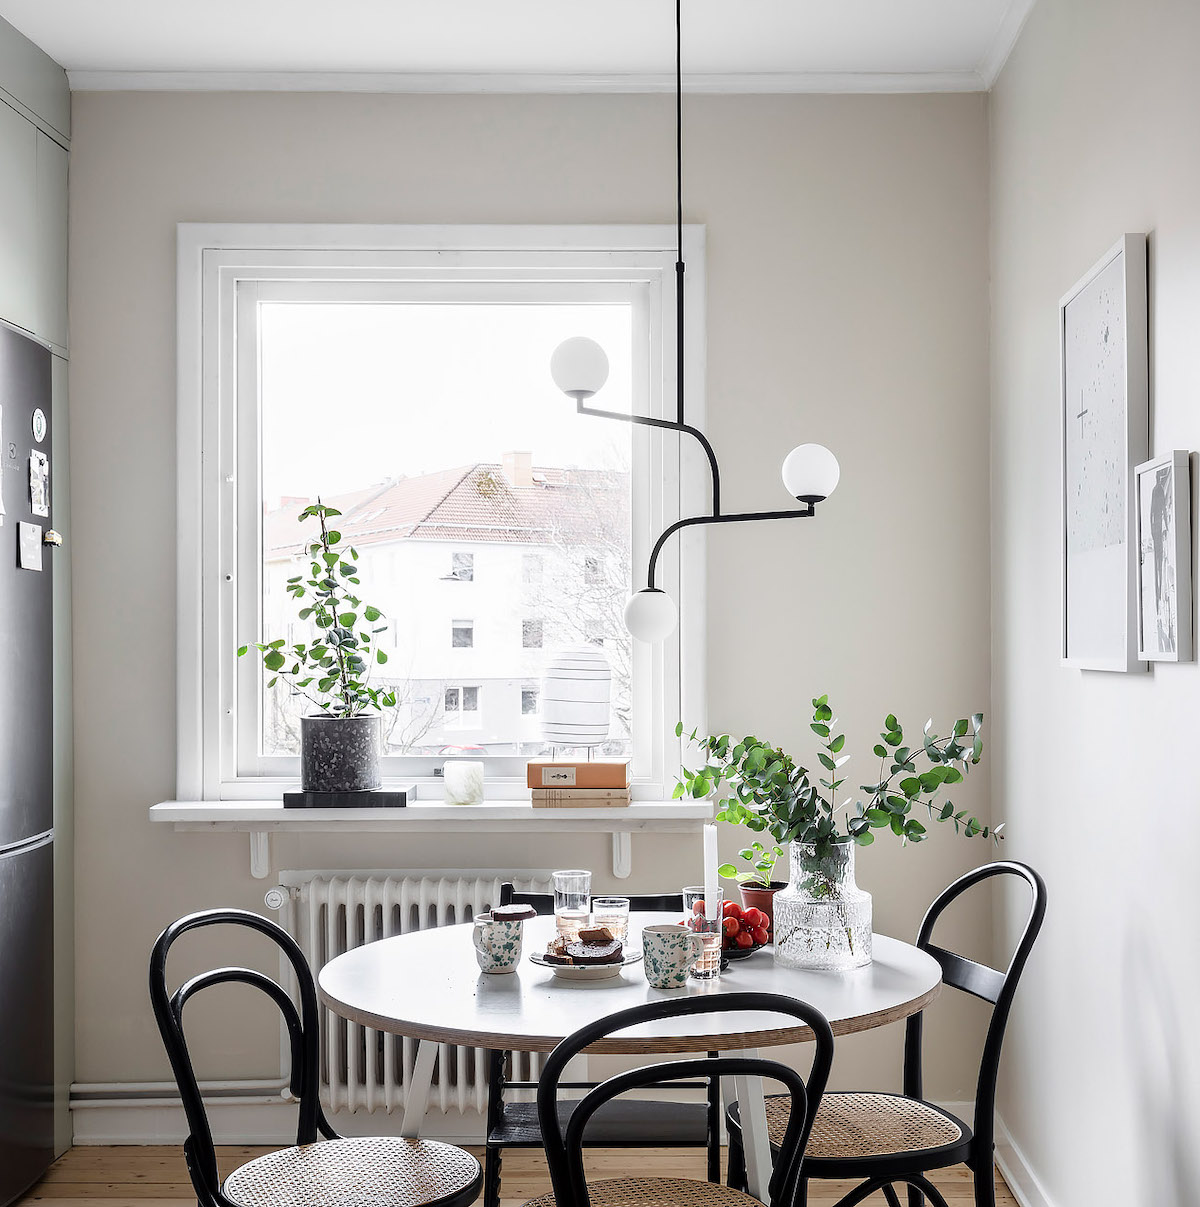 papier peint cuisine table chaise cannage frigo gris fenêtre plante verte - blog déco - clem around the corner